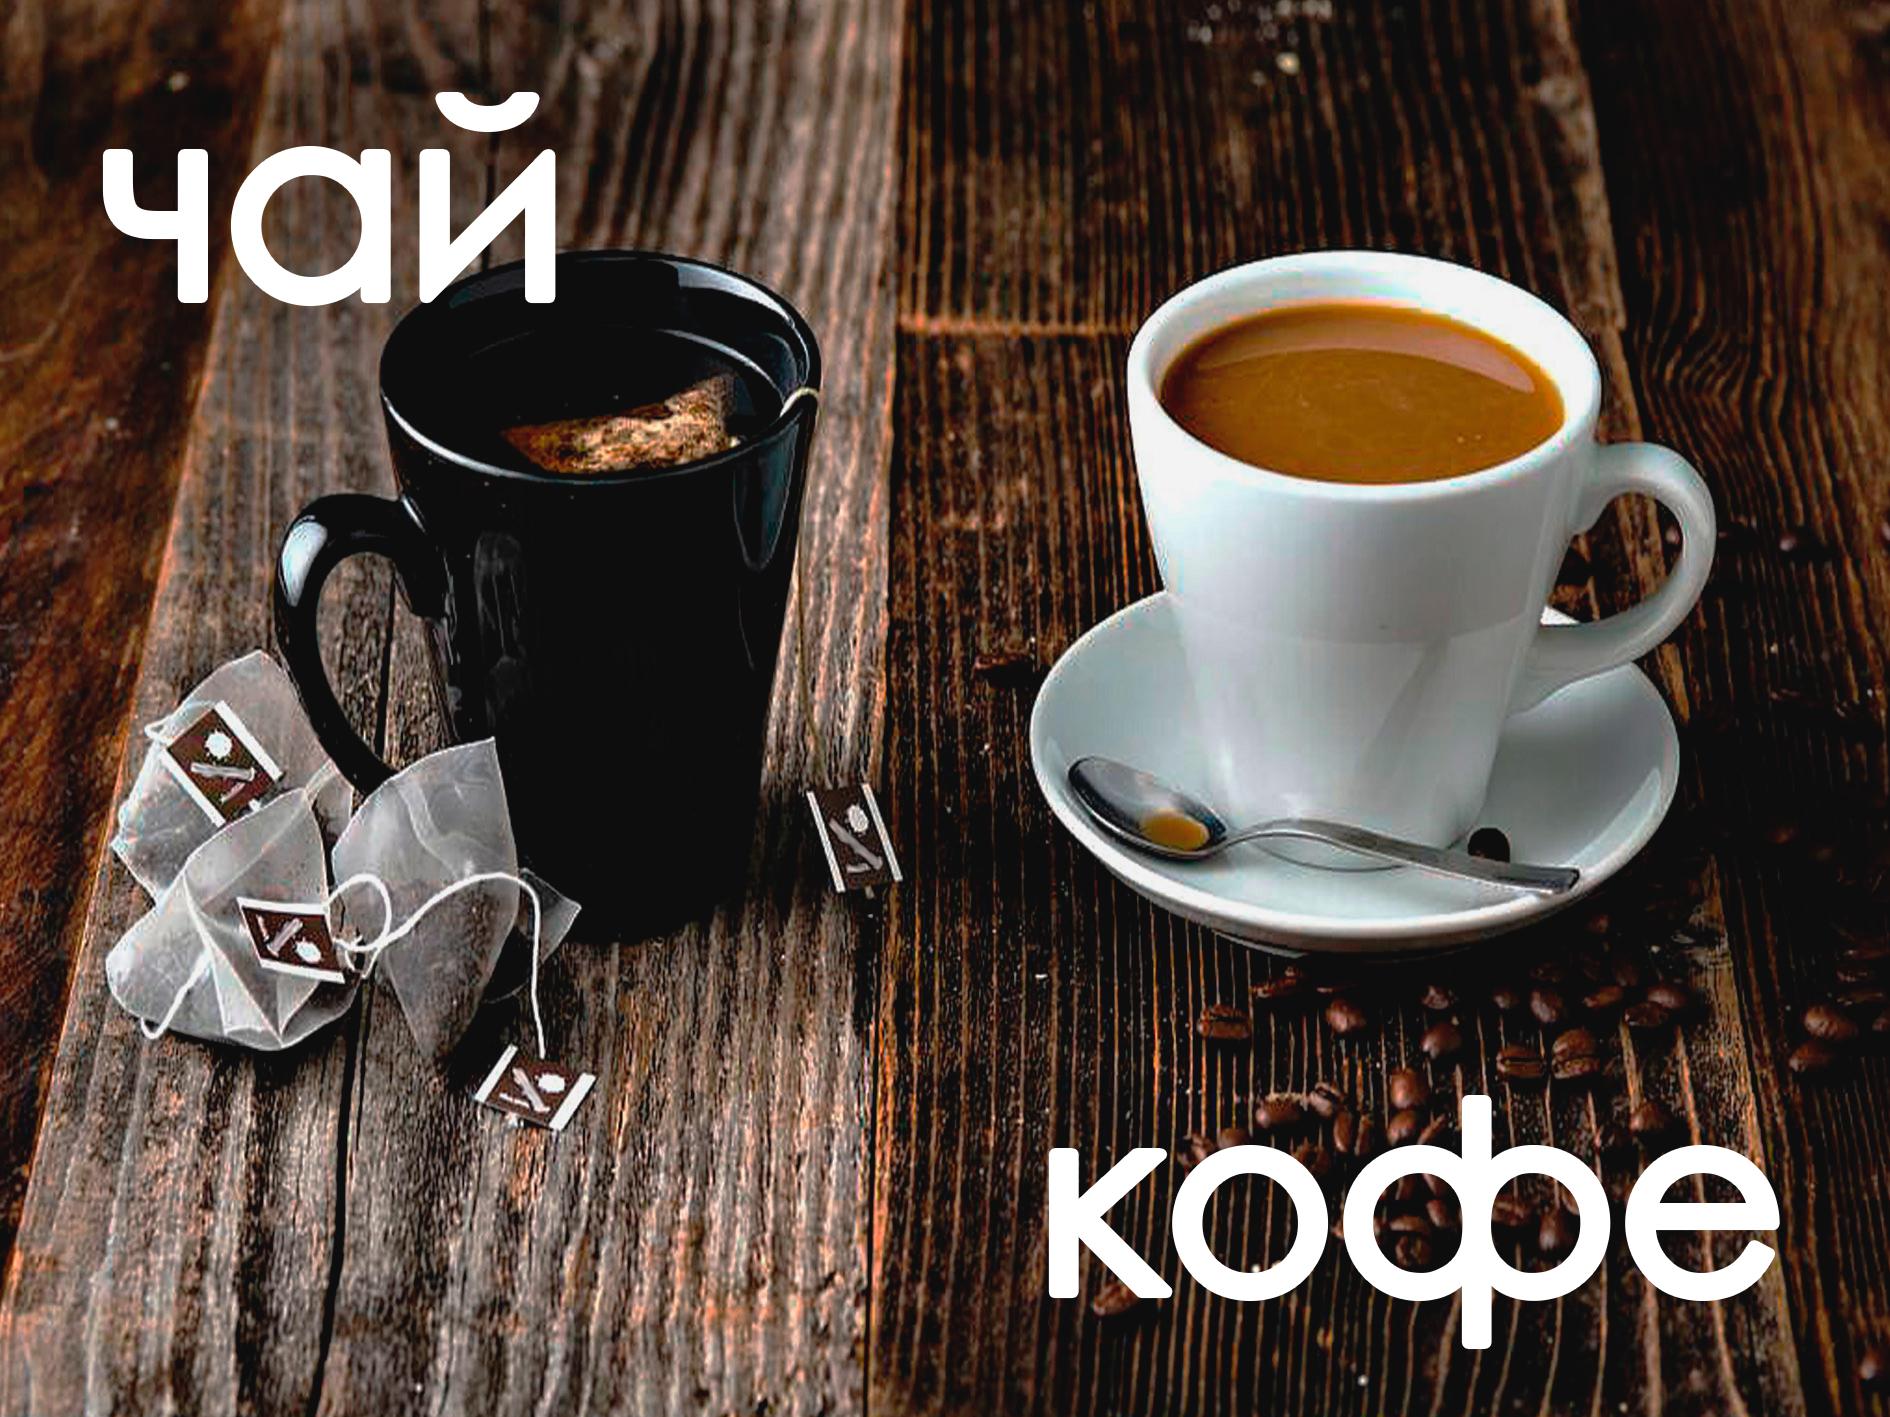 кофе чай иконка